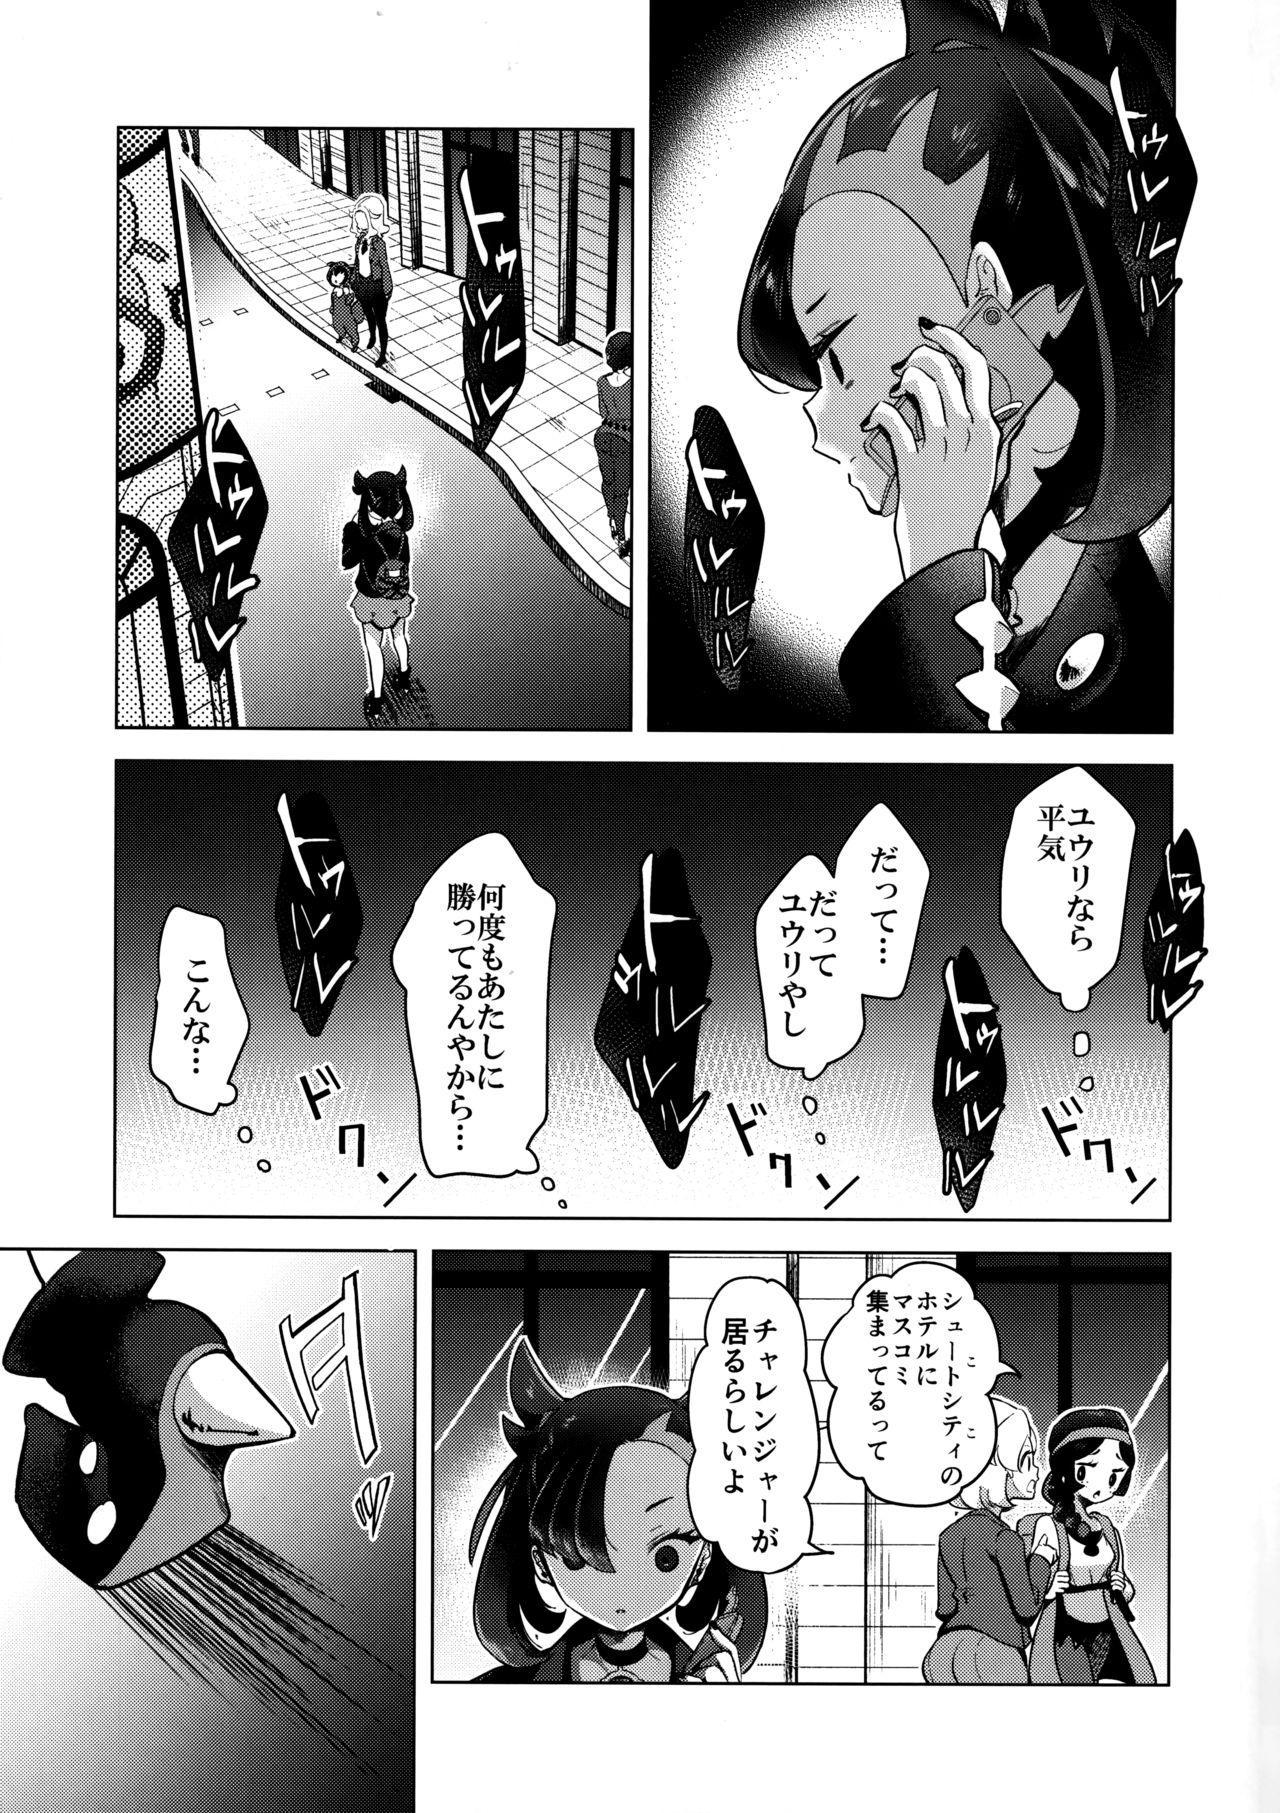 Marnie wa Yuuri kara Amai Ringo o Futatsu Moraimashita. 9